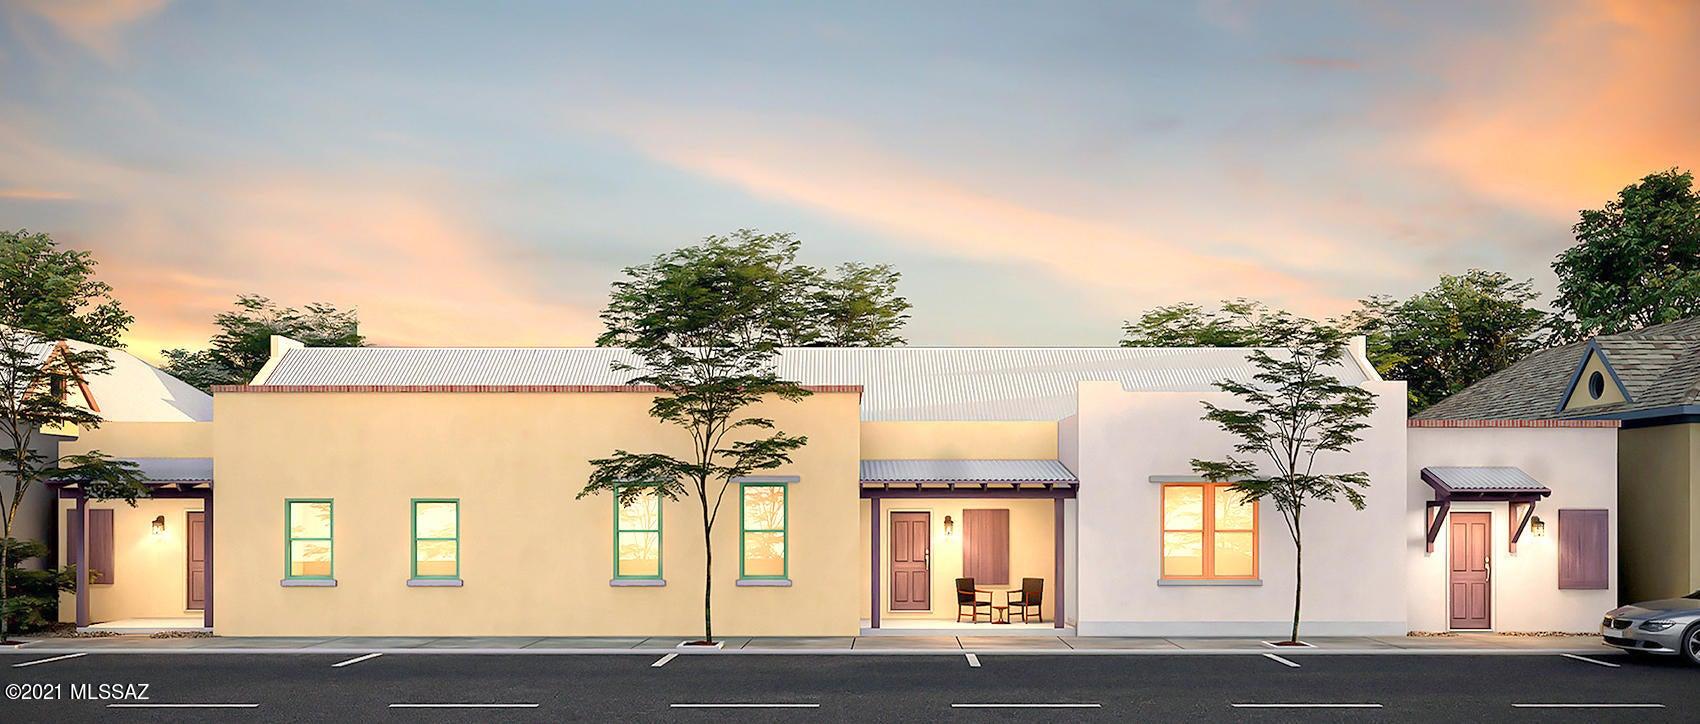 440 S Meyer Avenue, Tucson, AZ 85701